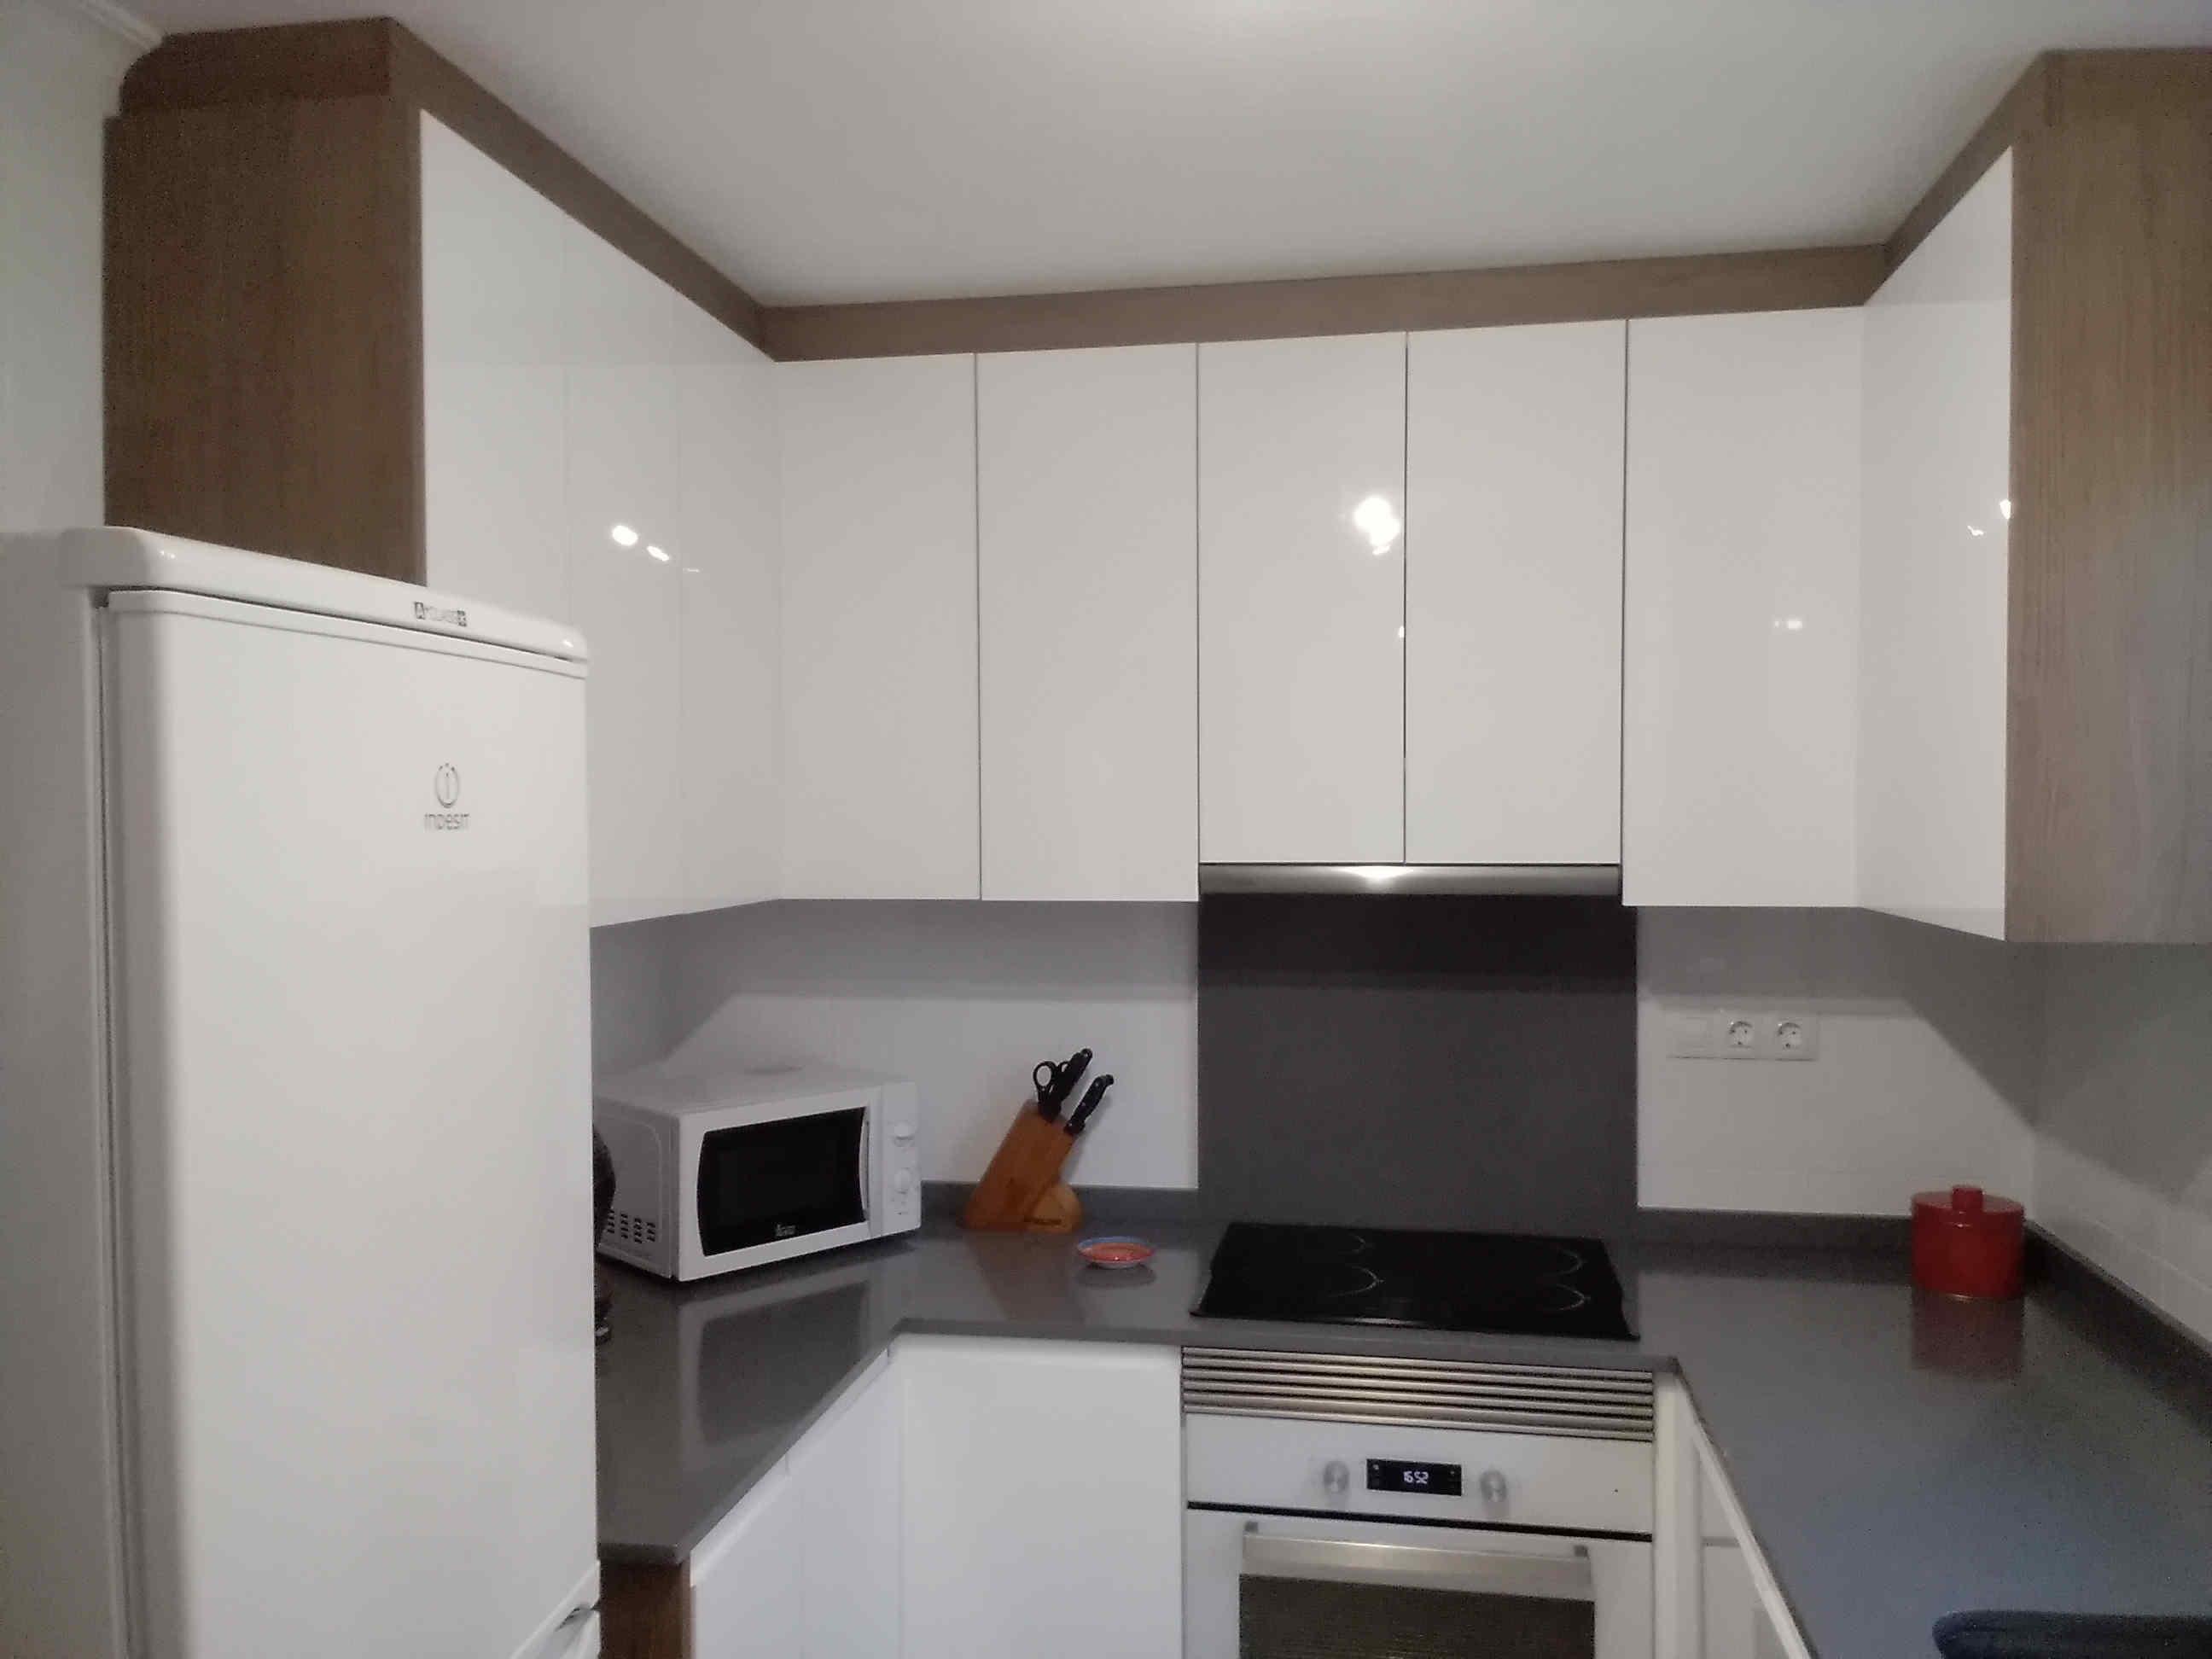 reforma-de-cocina-torrevieja